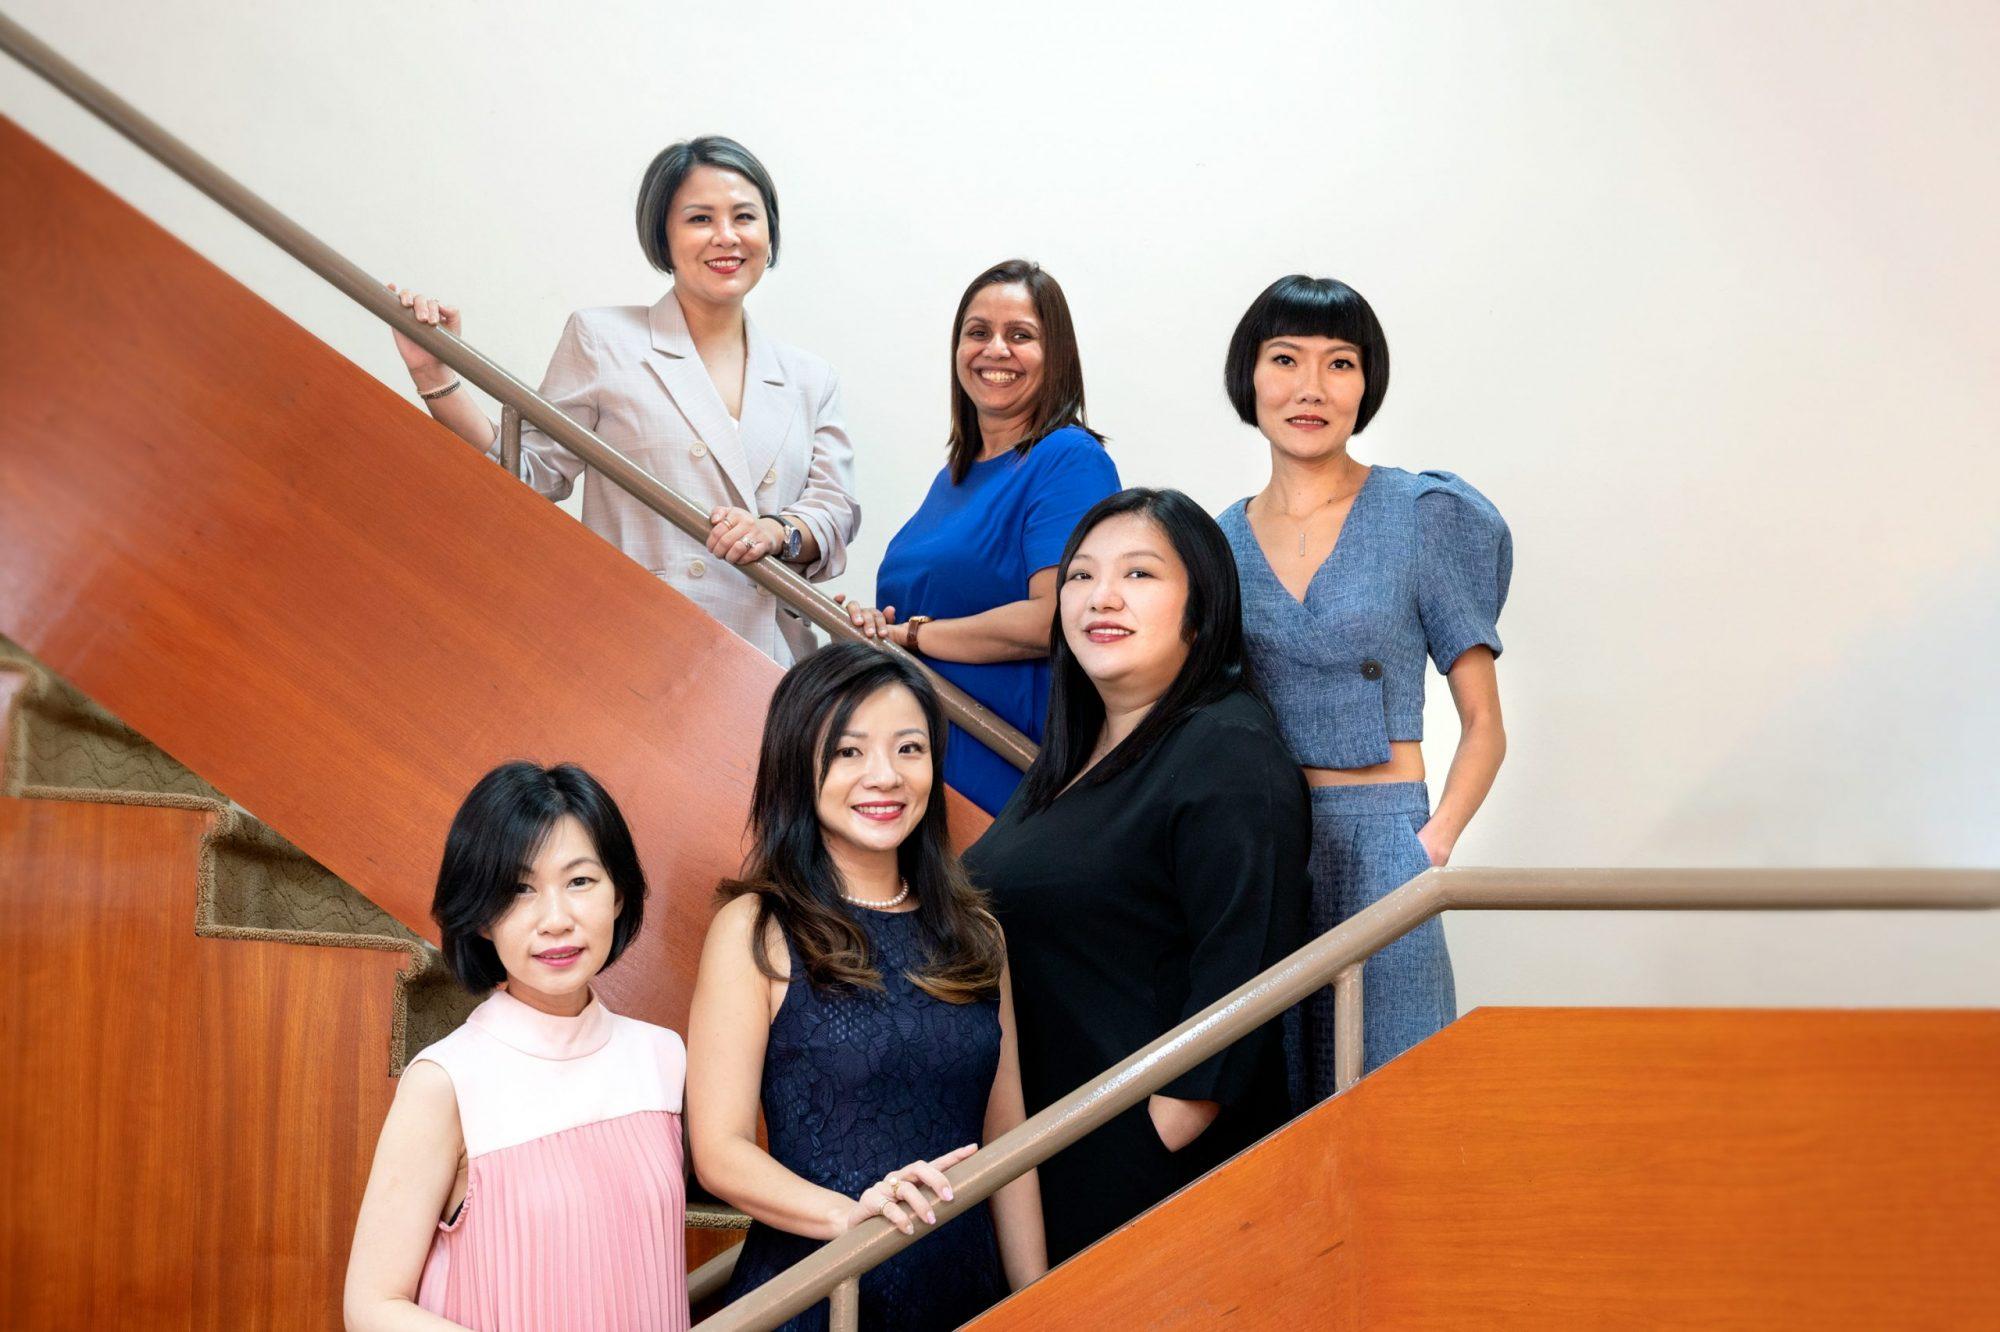 Group-Photo-APRW-staircase